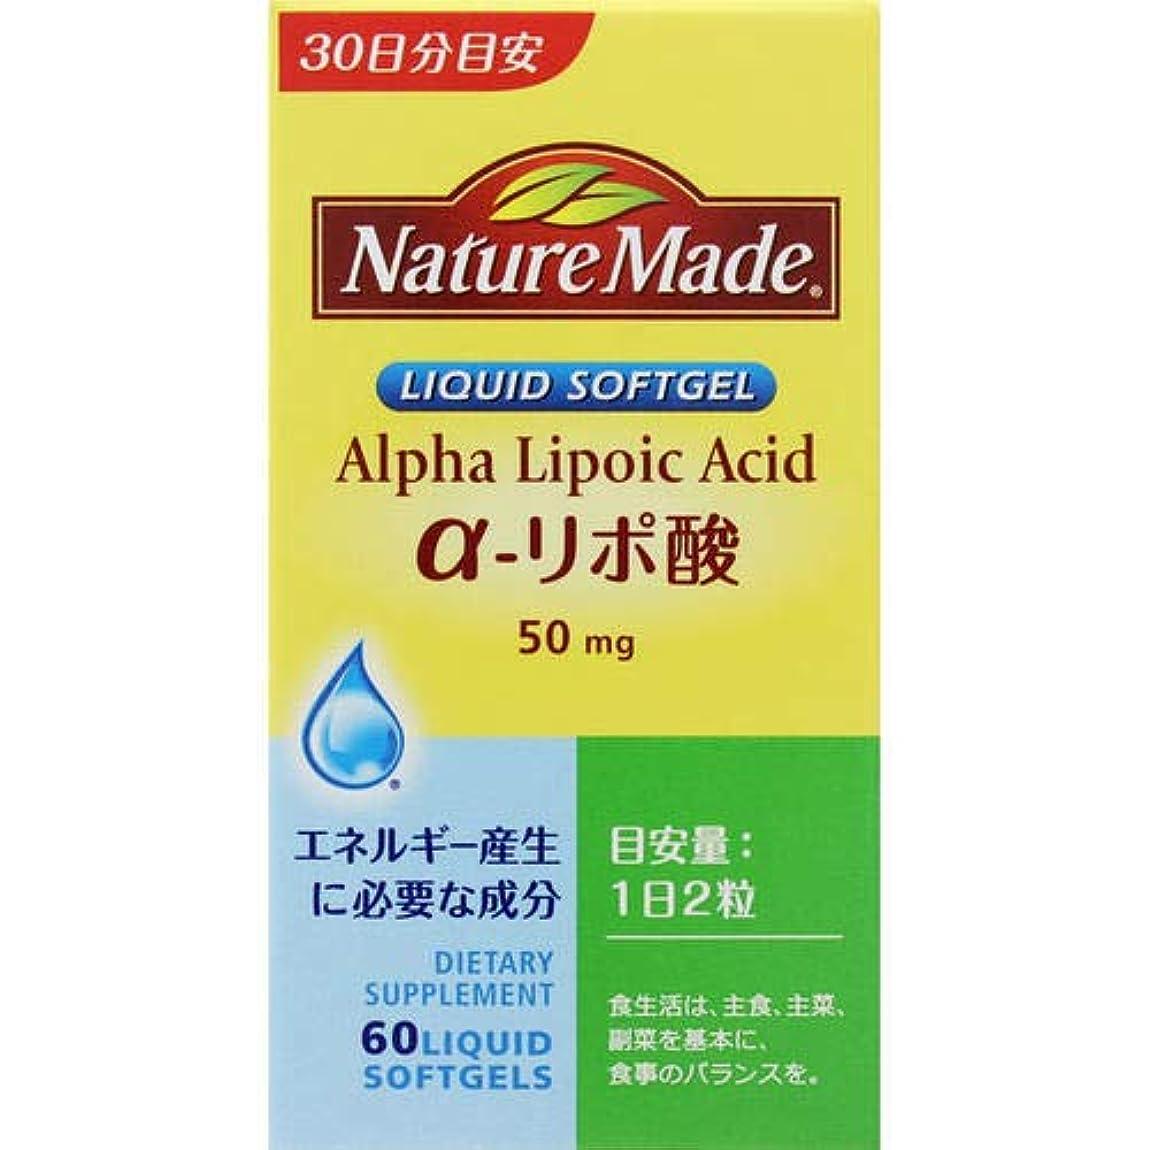 不利スリム系統的ネイチャーメイド アルファリポ酸 60粒